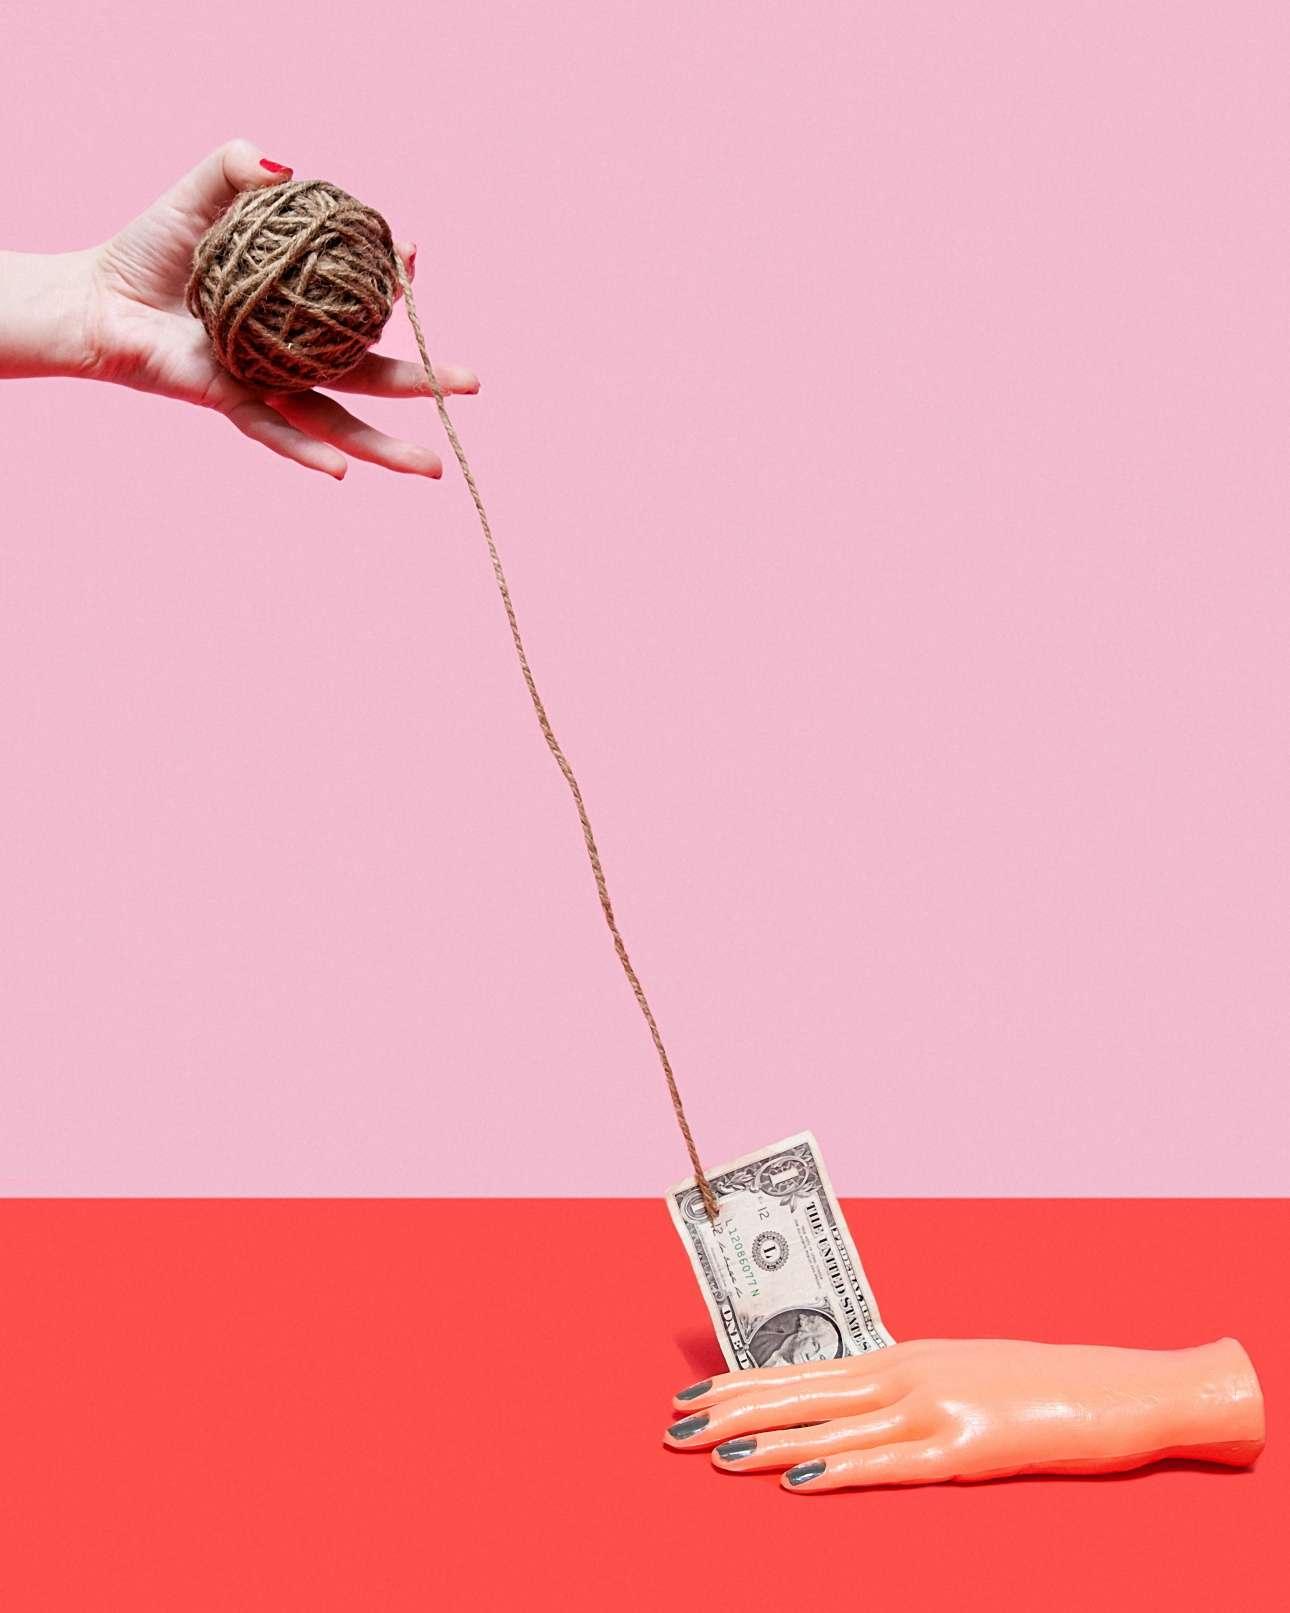 Στην Πενσυλβάνια είναι παράνομο να δέσεις σκοινί σε χαρτονόμισμα και μετά να το τραβήξεις όταν κάποιος πάει να το σηκώσει